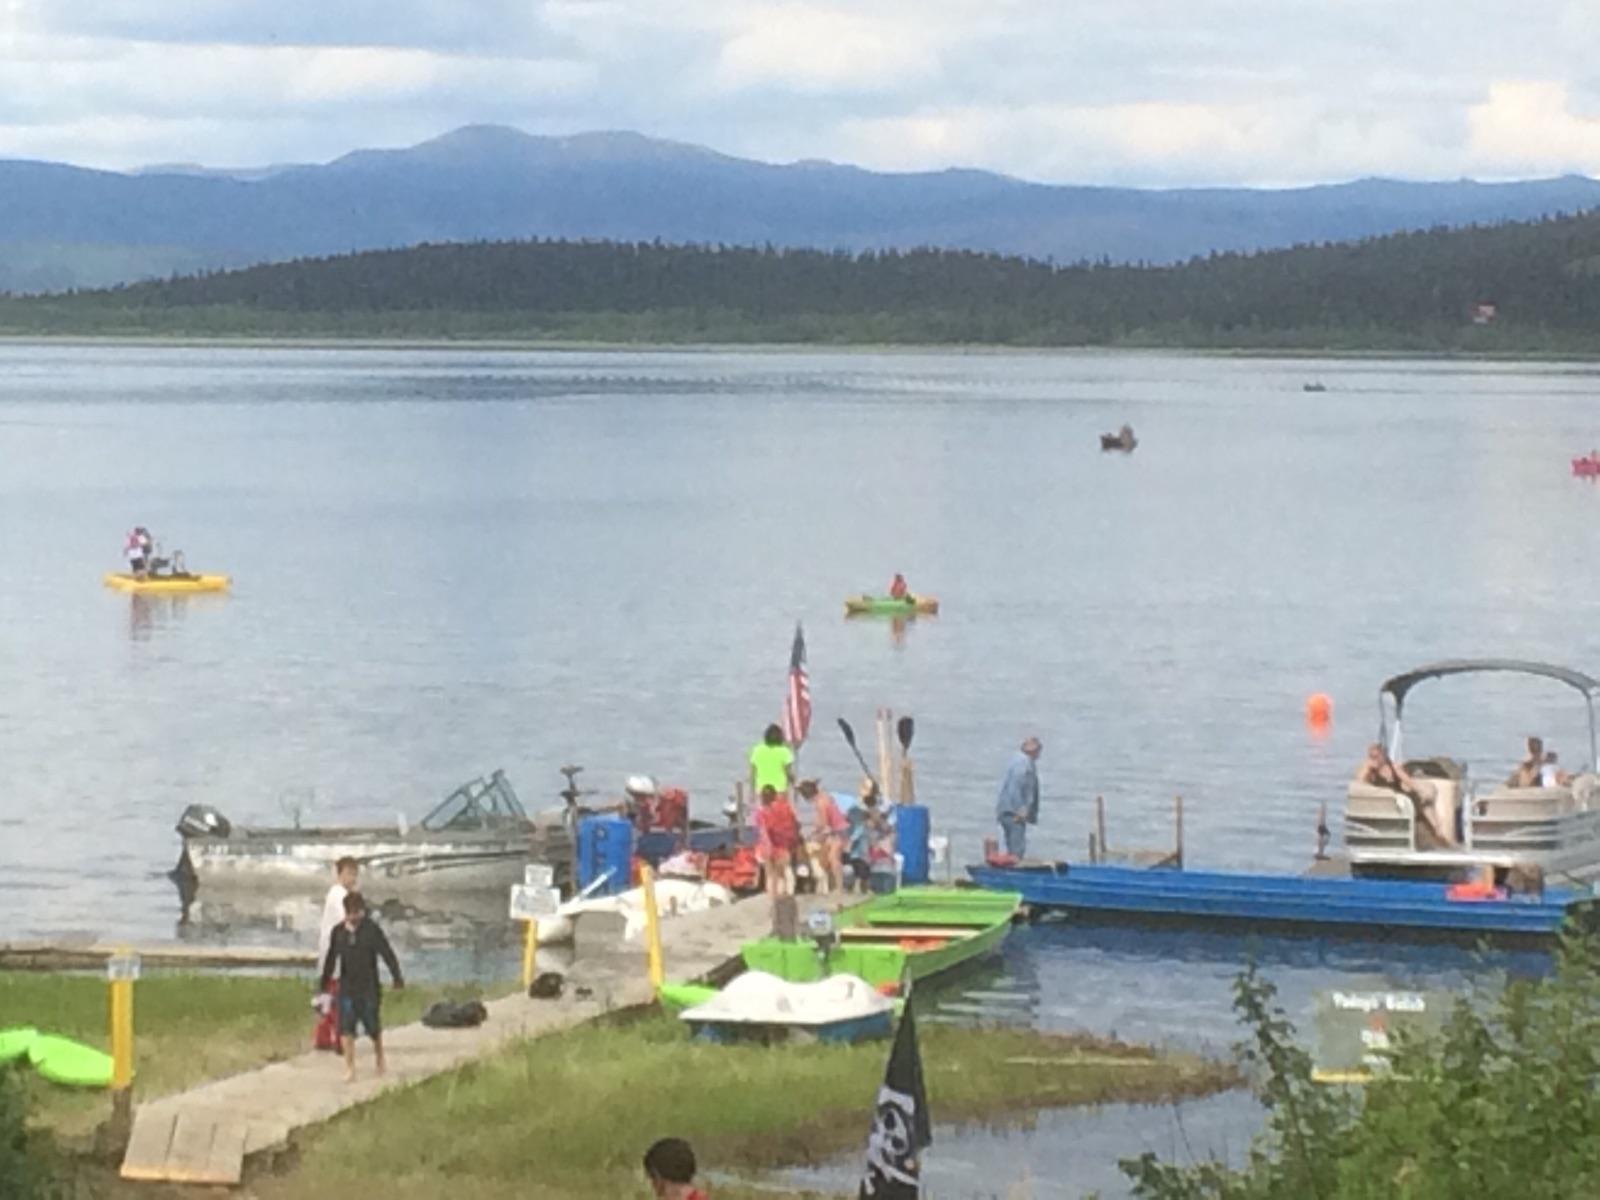 Quartz Lake Boat & Cabin Rentals